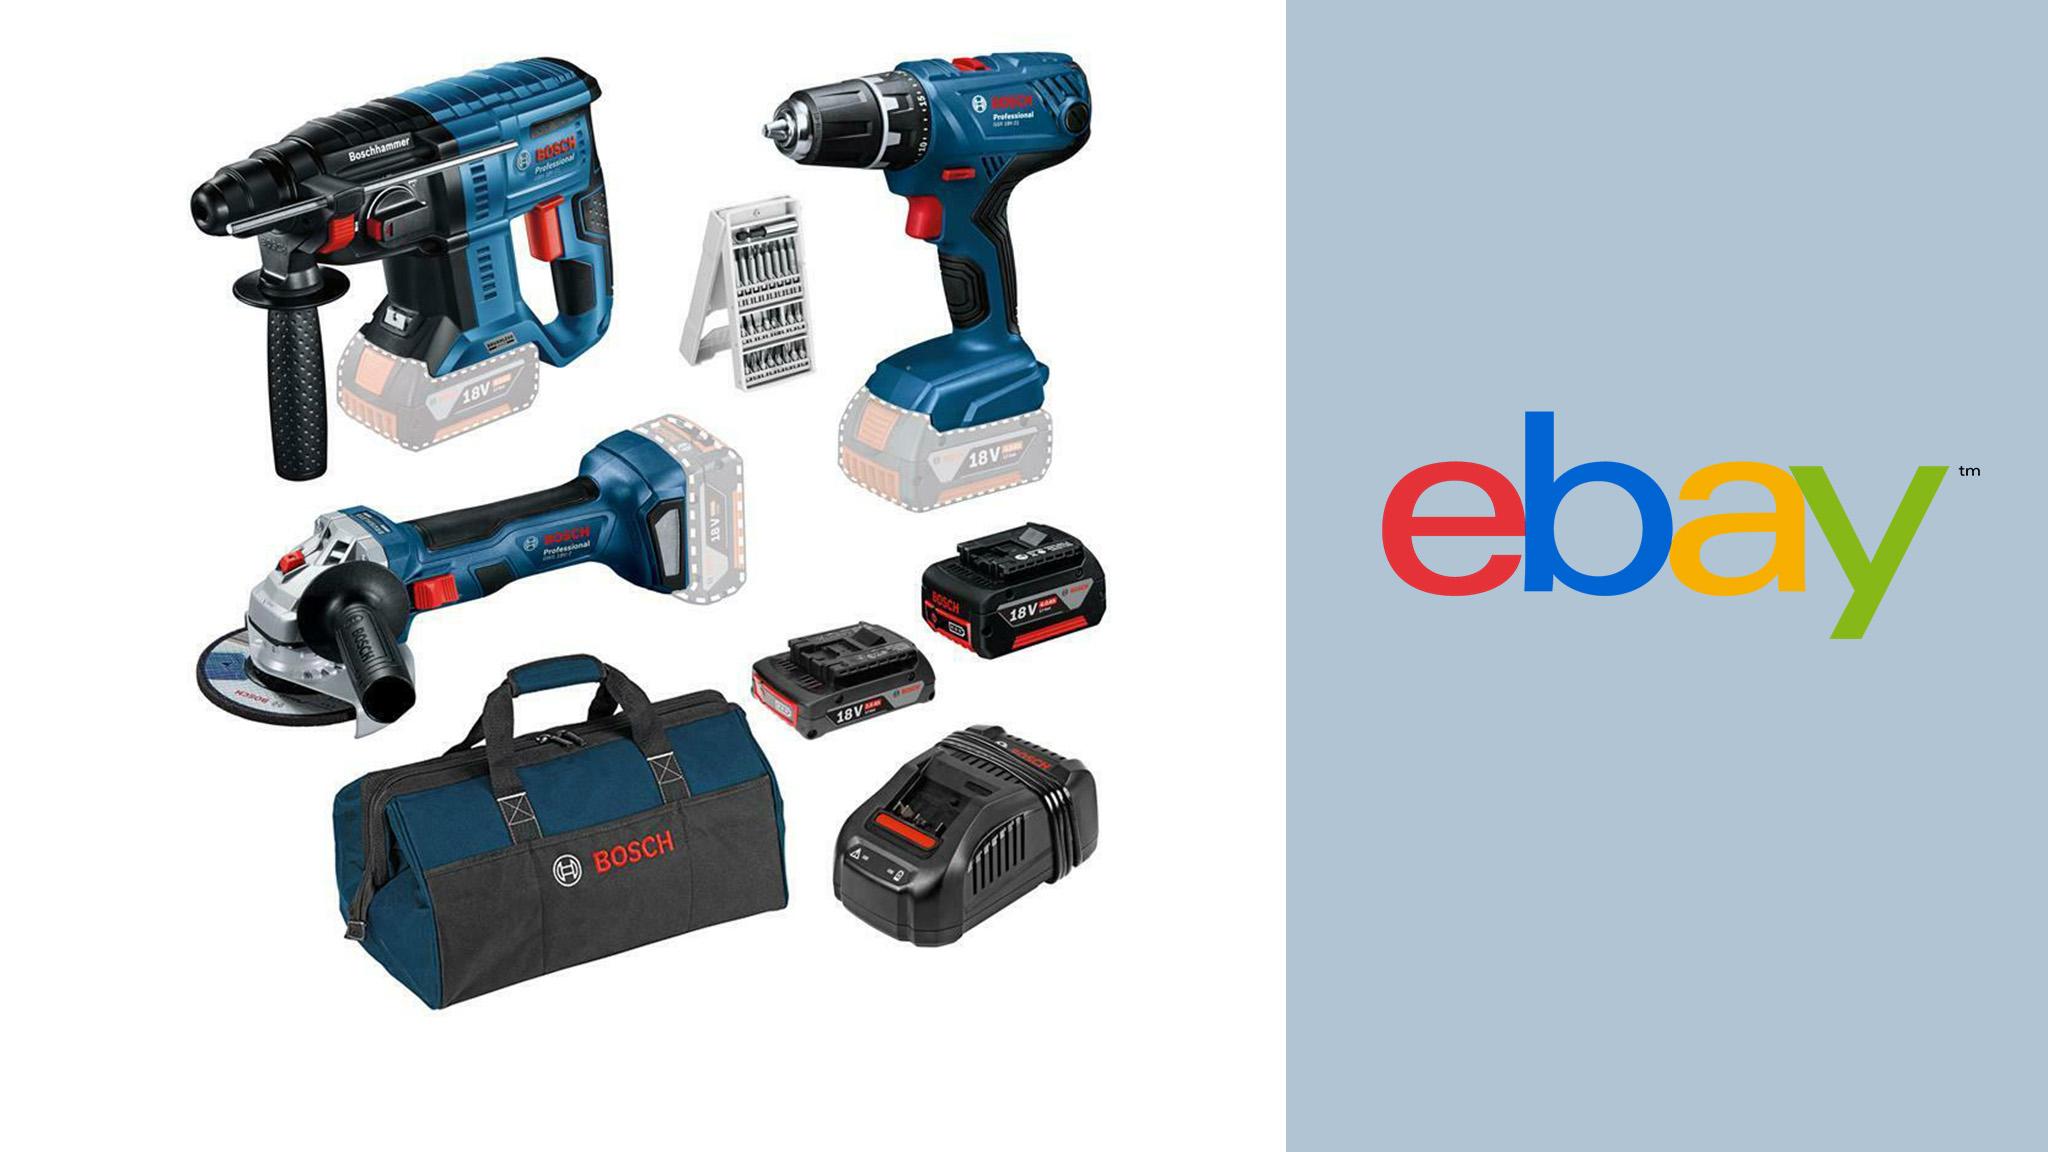 Bosch im Ebay-Angebot: Werkzeug-Set für knapp 300 Euro ergattern!